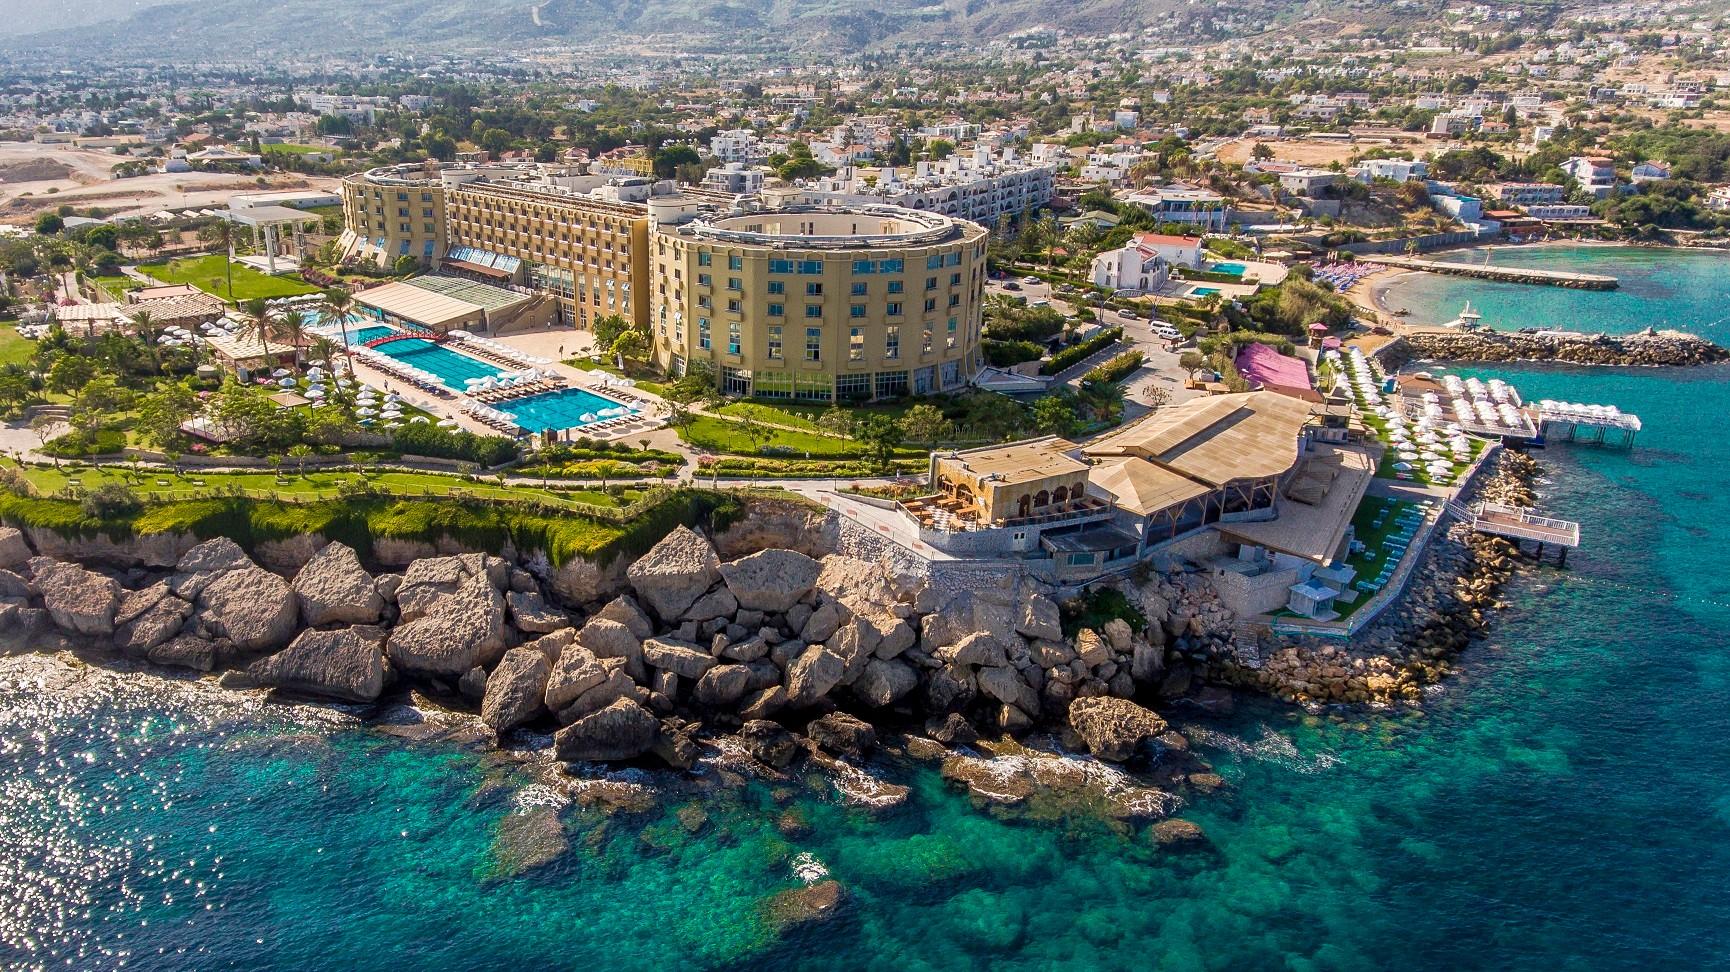 Kıbrıs Gezilecek Yerler ve Kıbrıs Otelleri 2